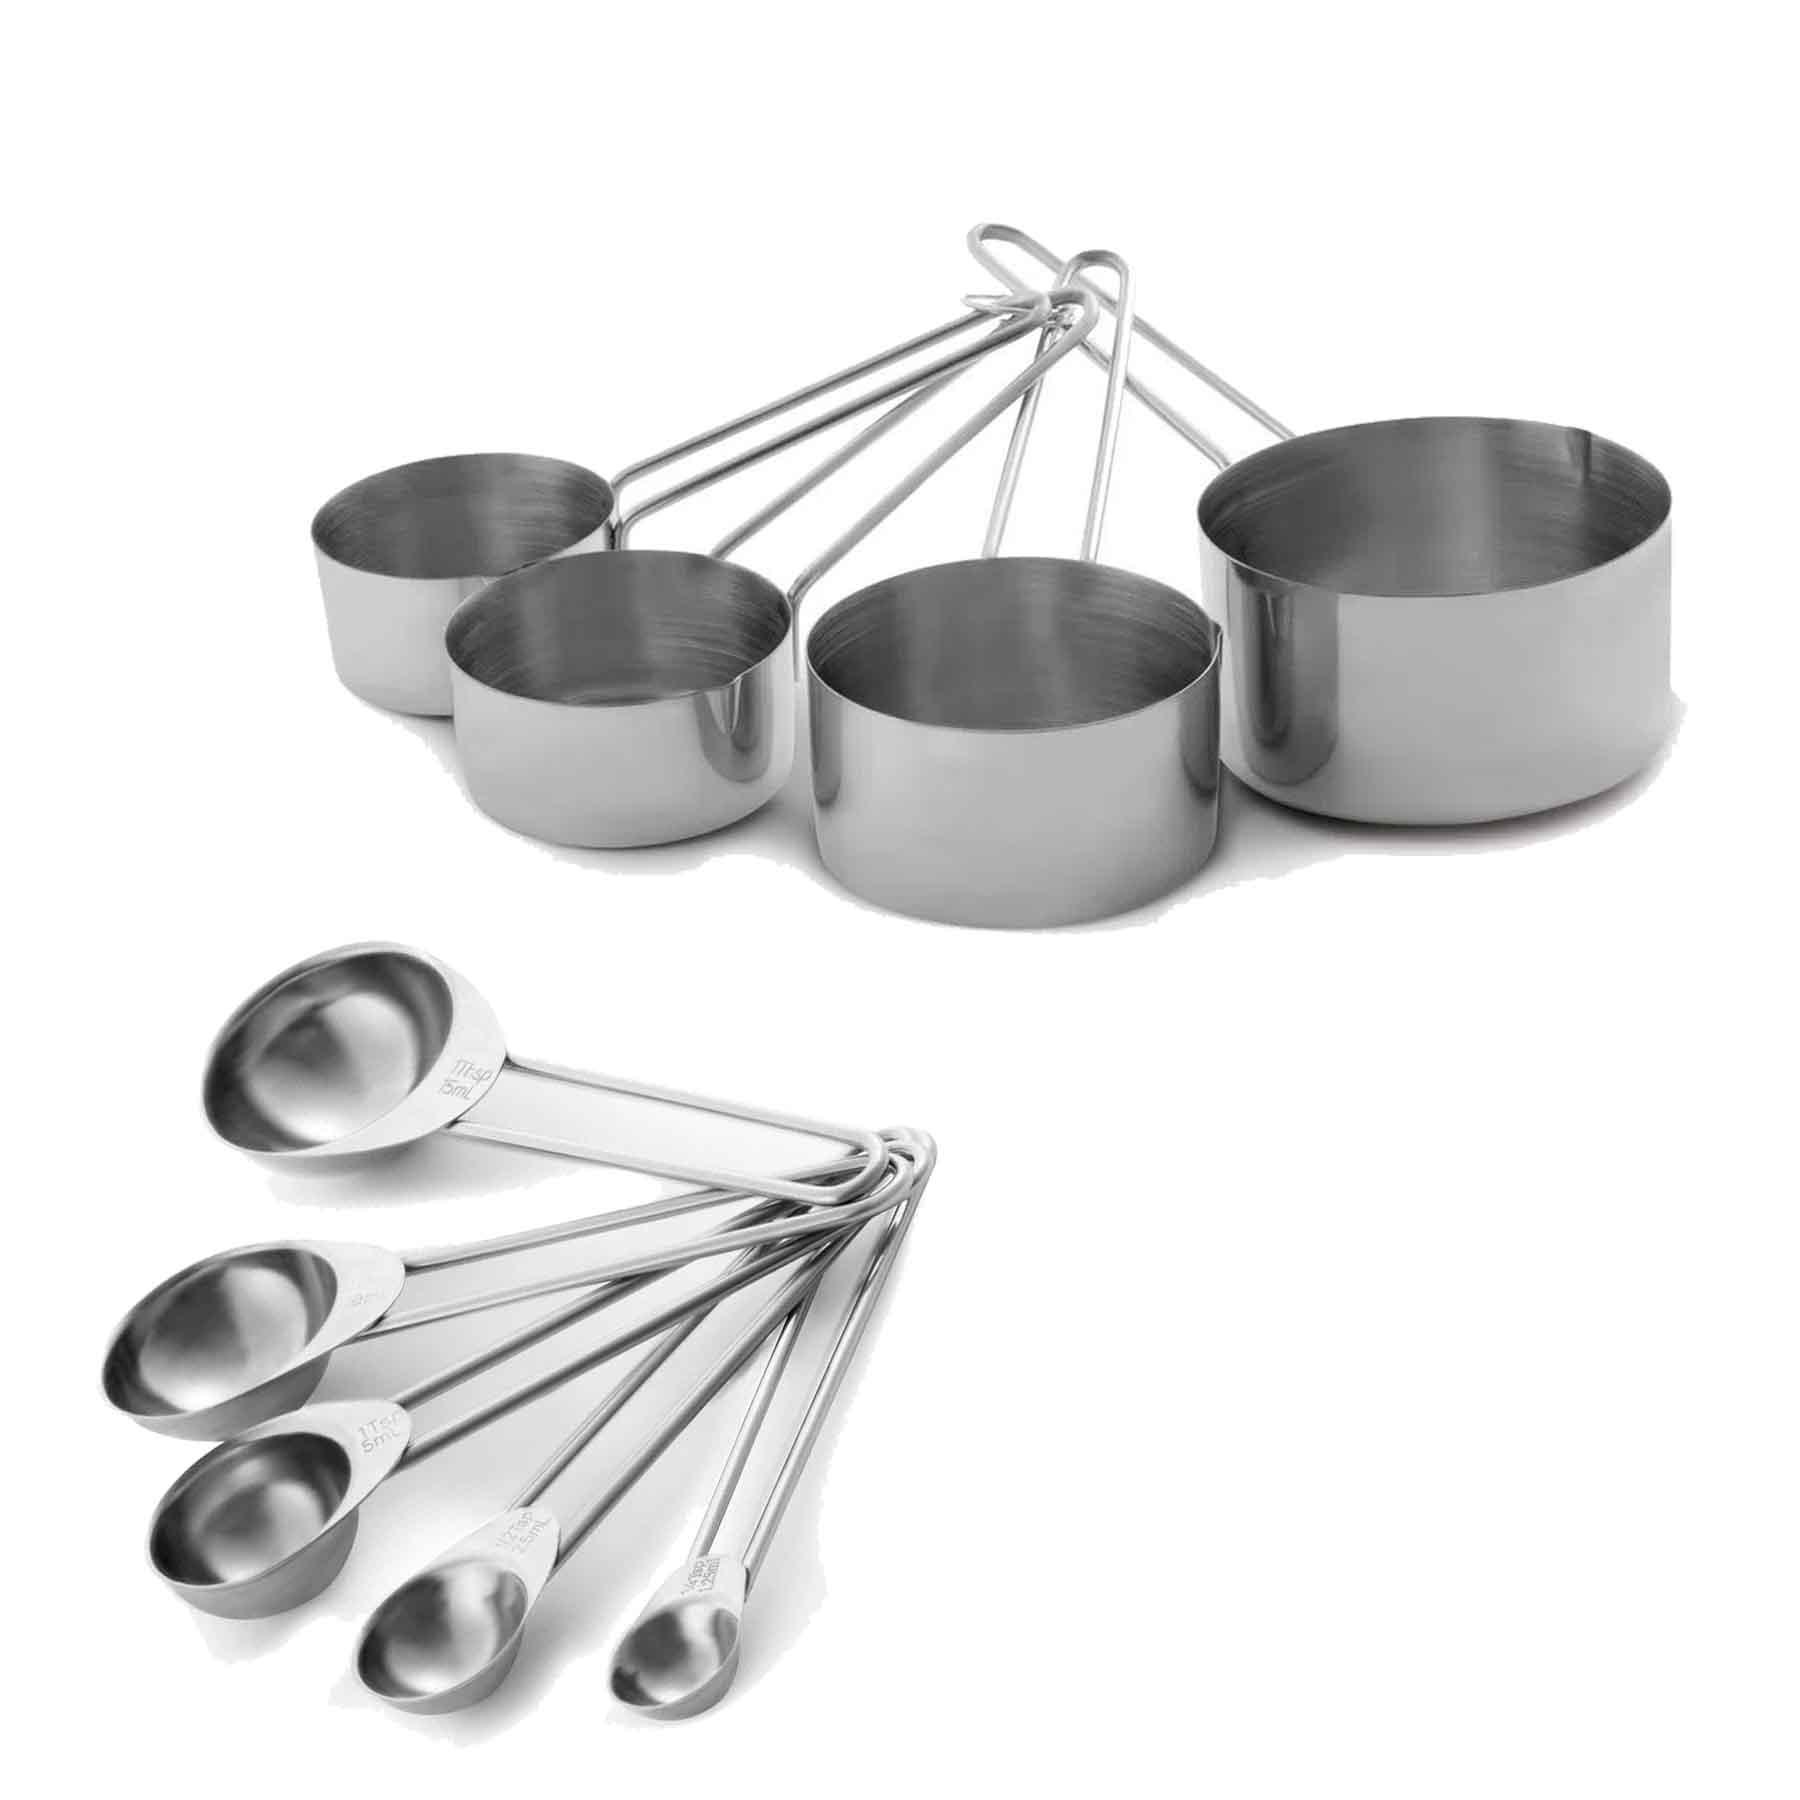 Kit de Medidores Colher (5 peças) e Xícaras (4 Peças) Mimo Aço Inox